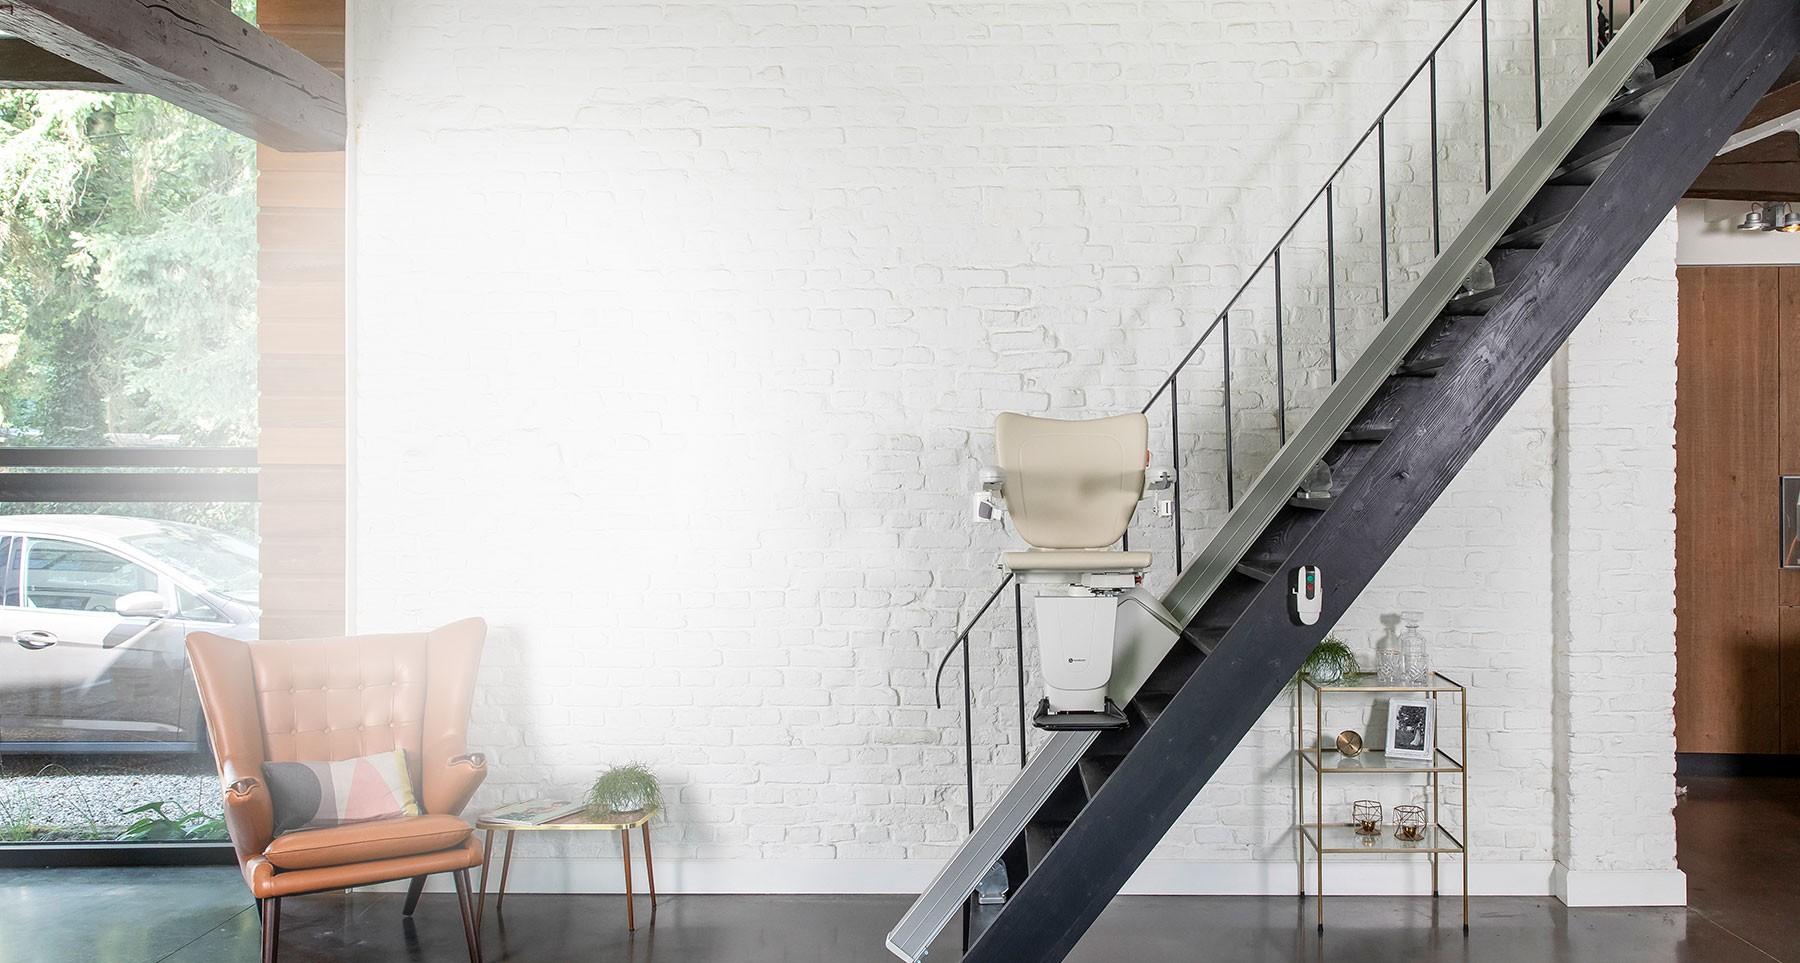 Sitzlifte für gerade Treppen